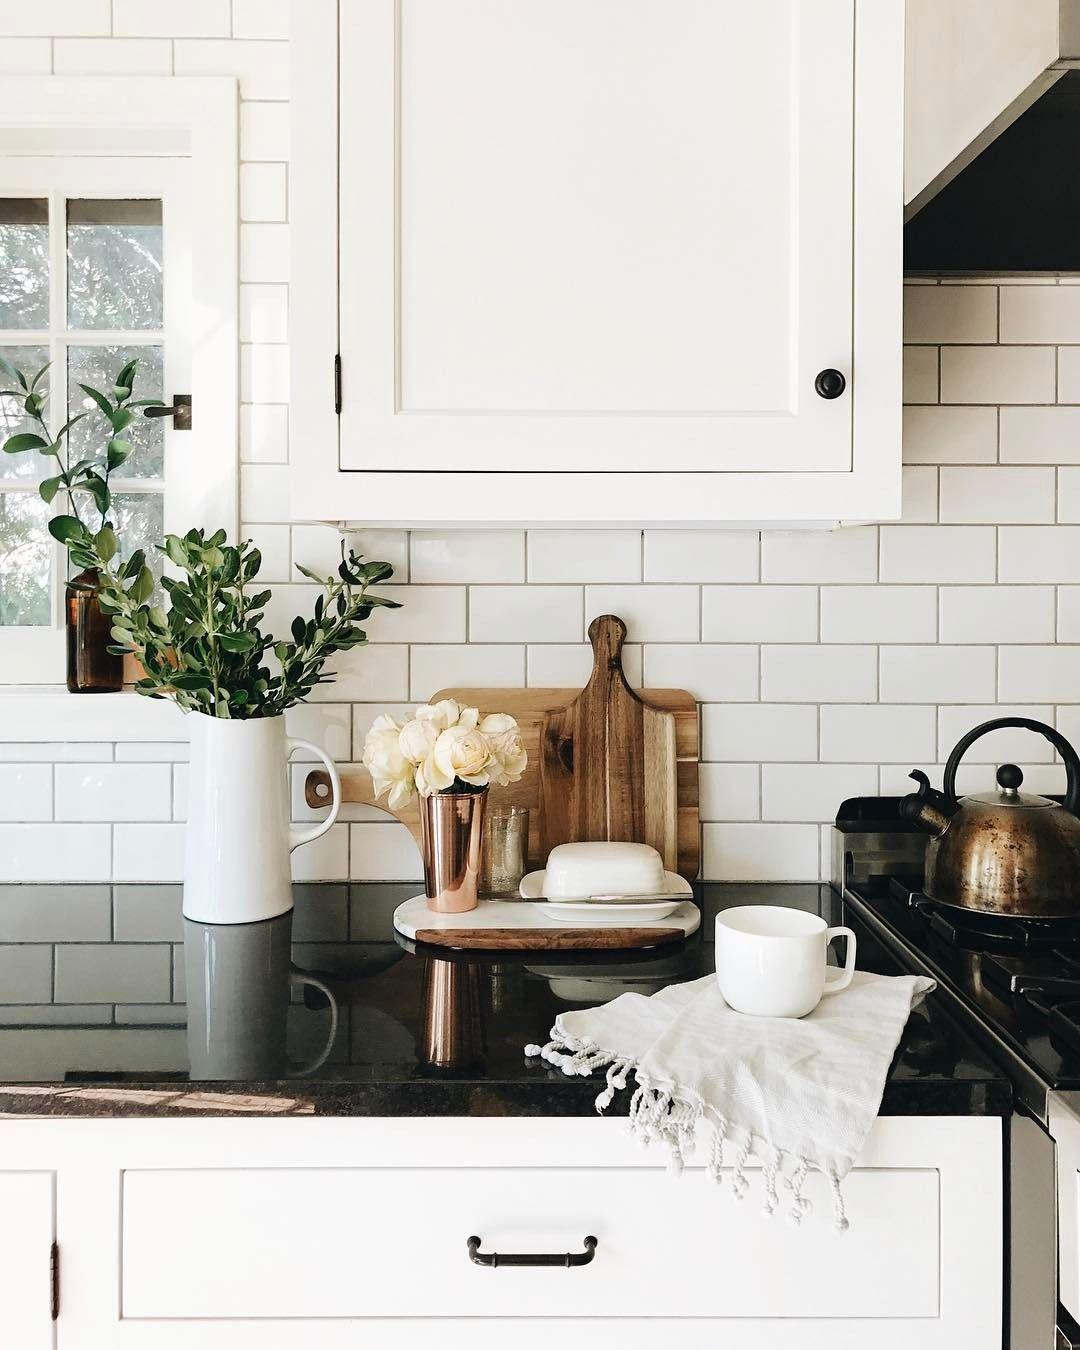 Pin von Heart & Paper Studio auf Happy Kitchen | Pinterest | Küche ...